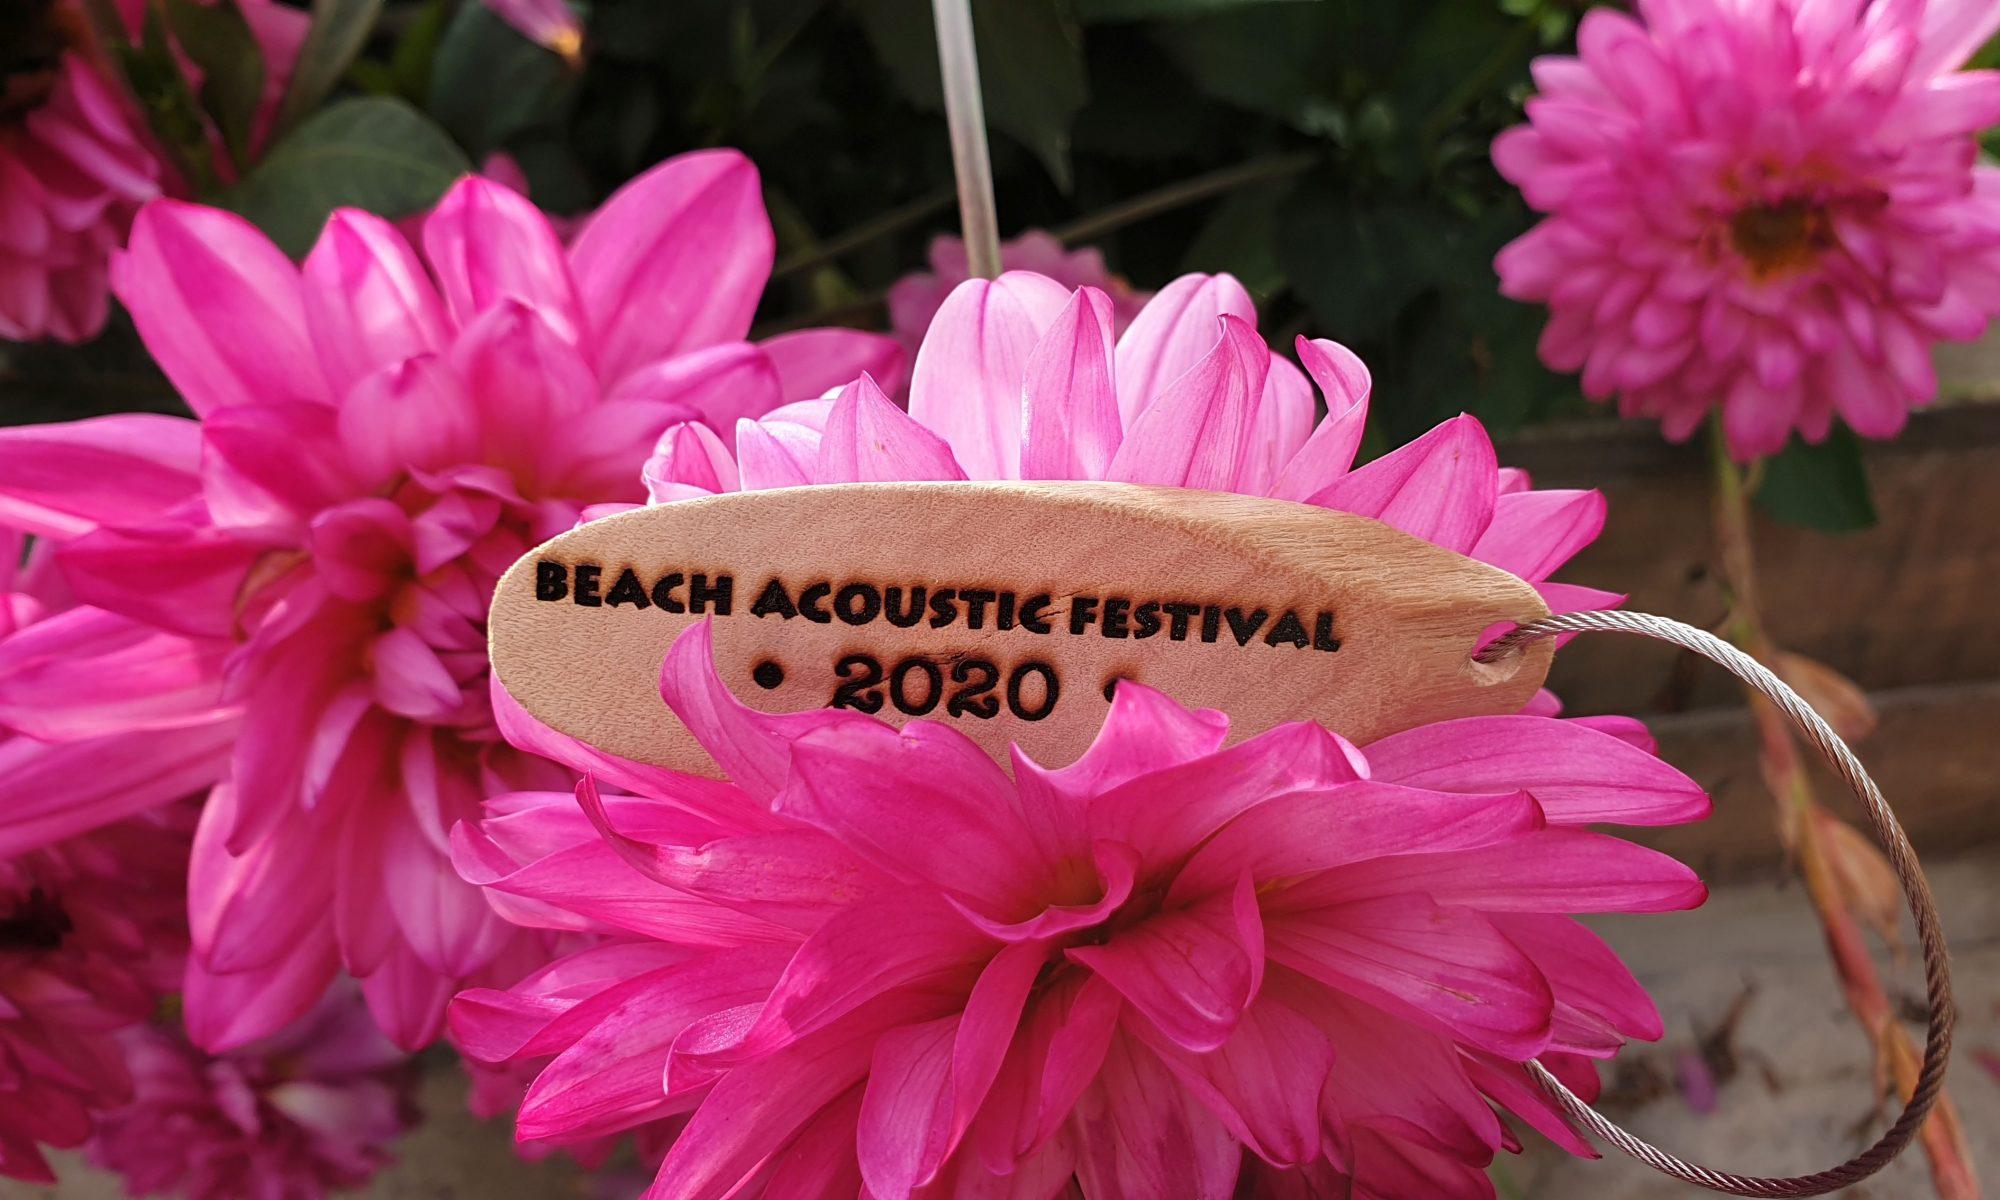 Beach Acoustic Festival 2020